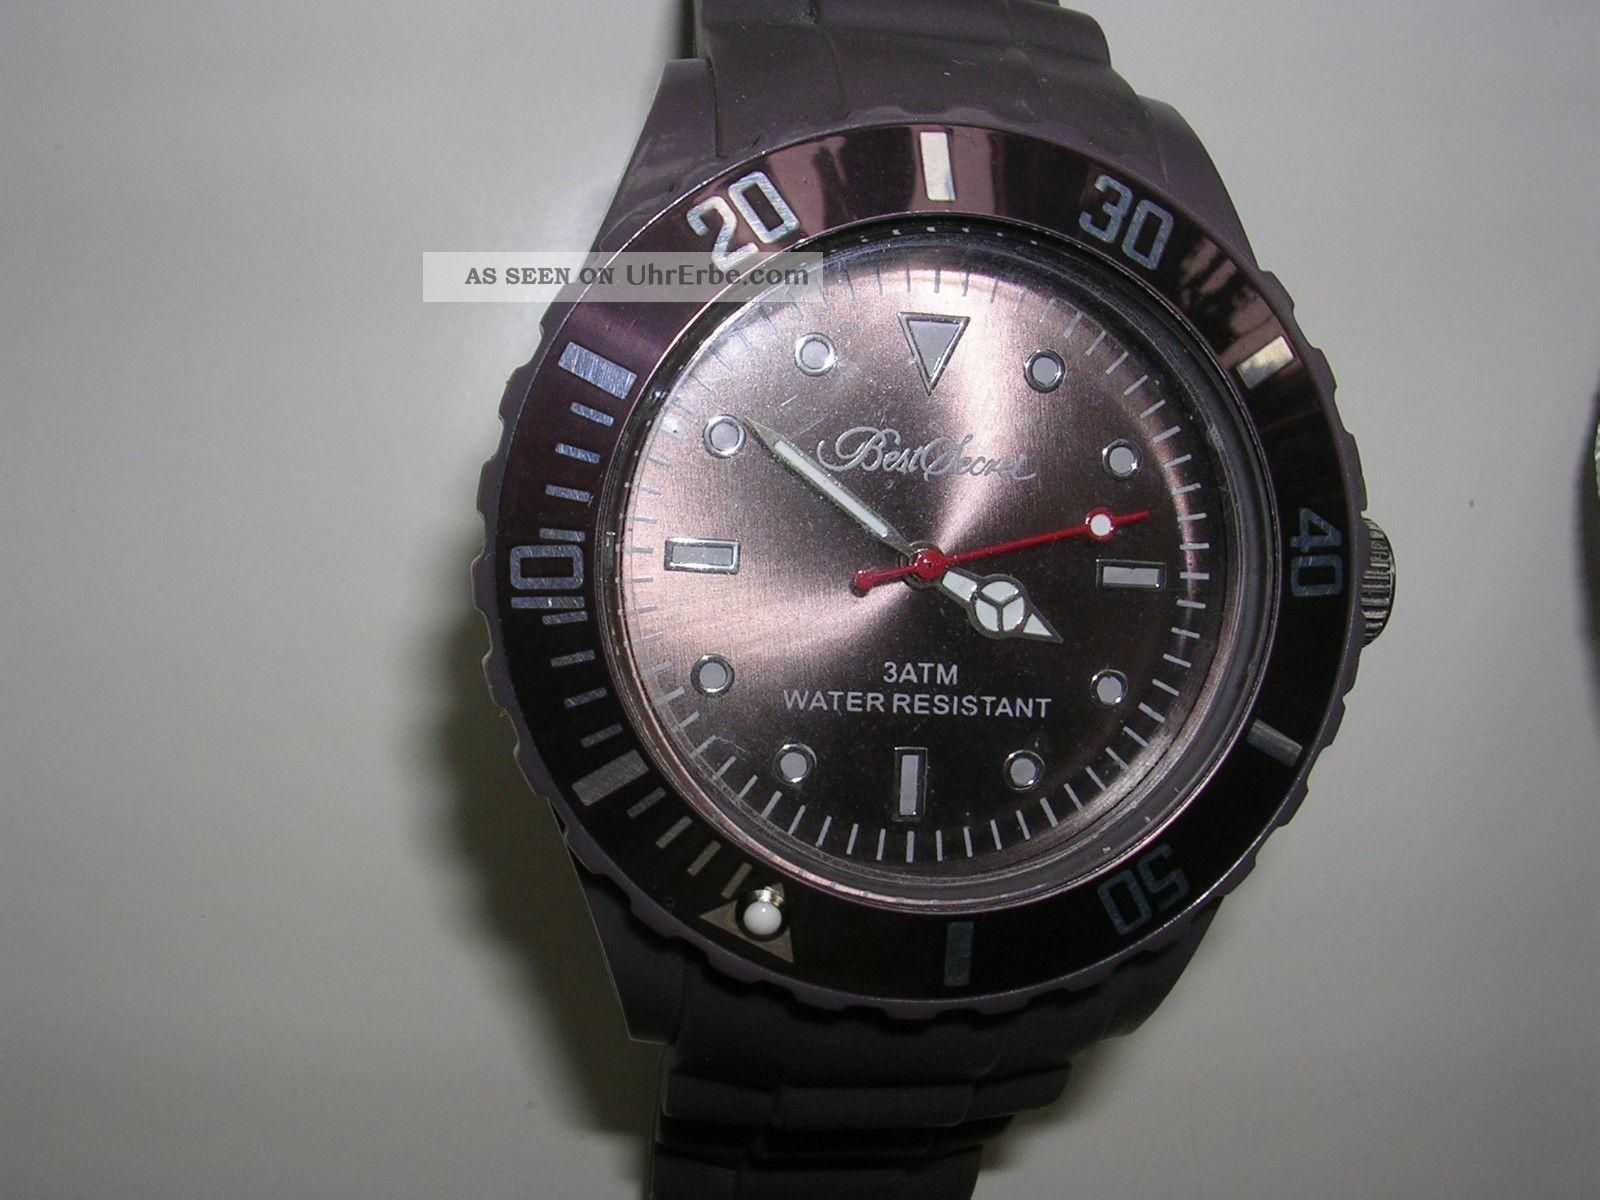 sehr modische armbanduhr unisex 3atm waterresistent s fotos beschreibung. Black Bedroom Furniture Sets. Home Design Ideas